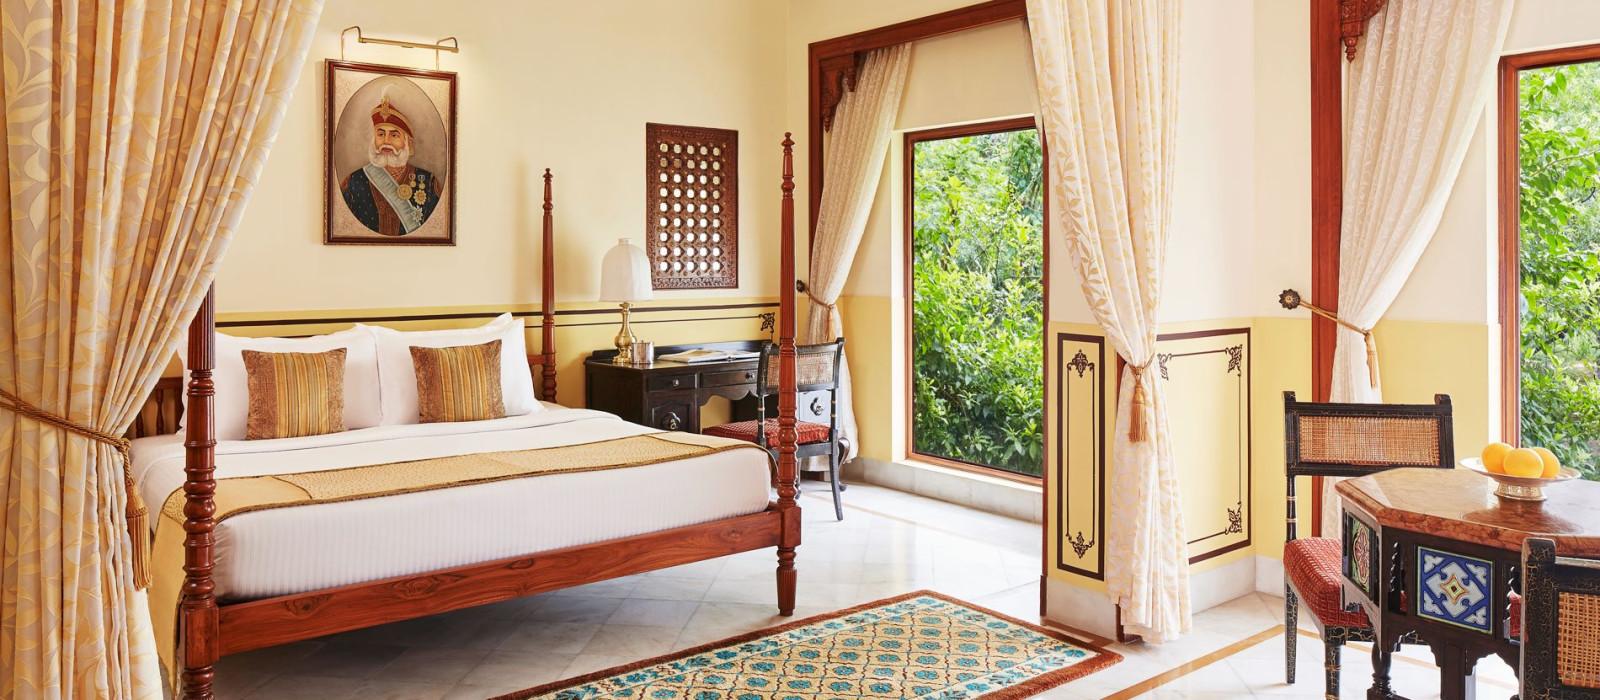 Hotel Jai Mahal Palace North India